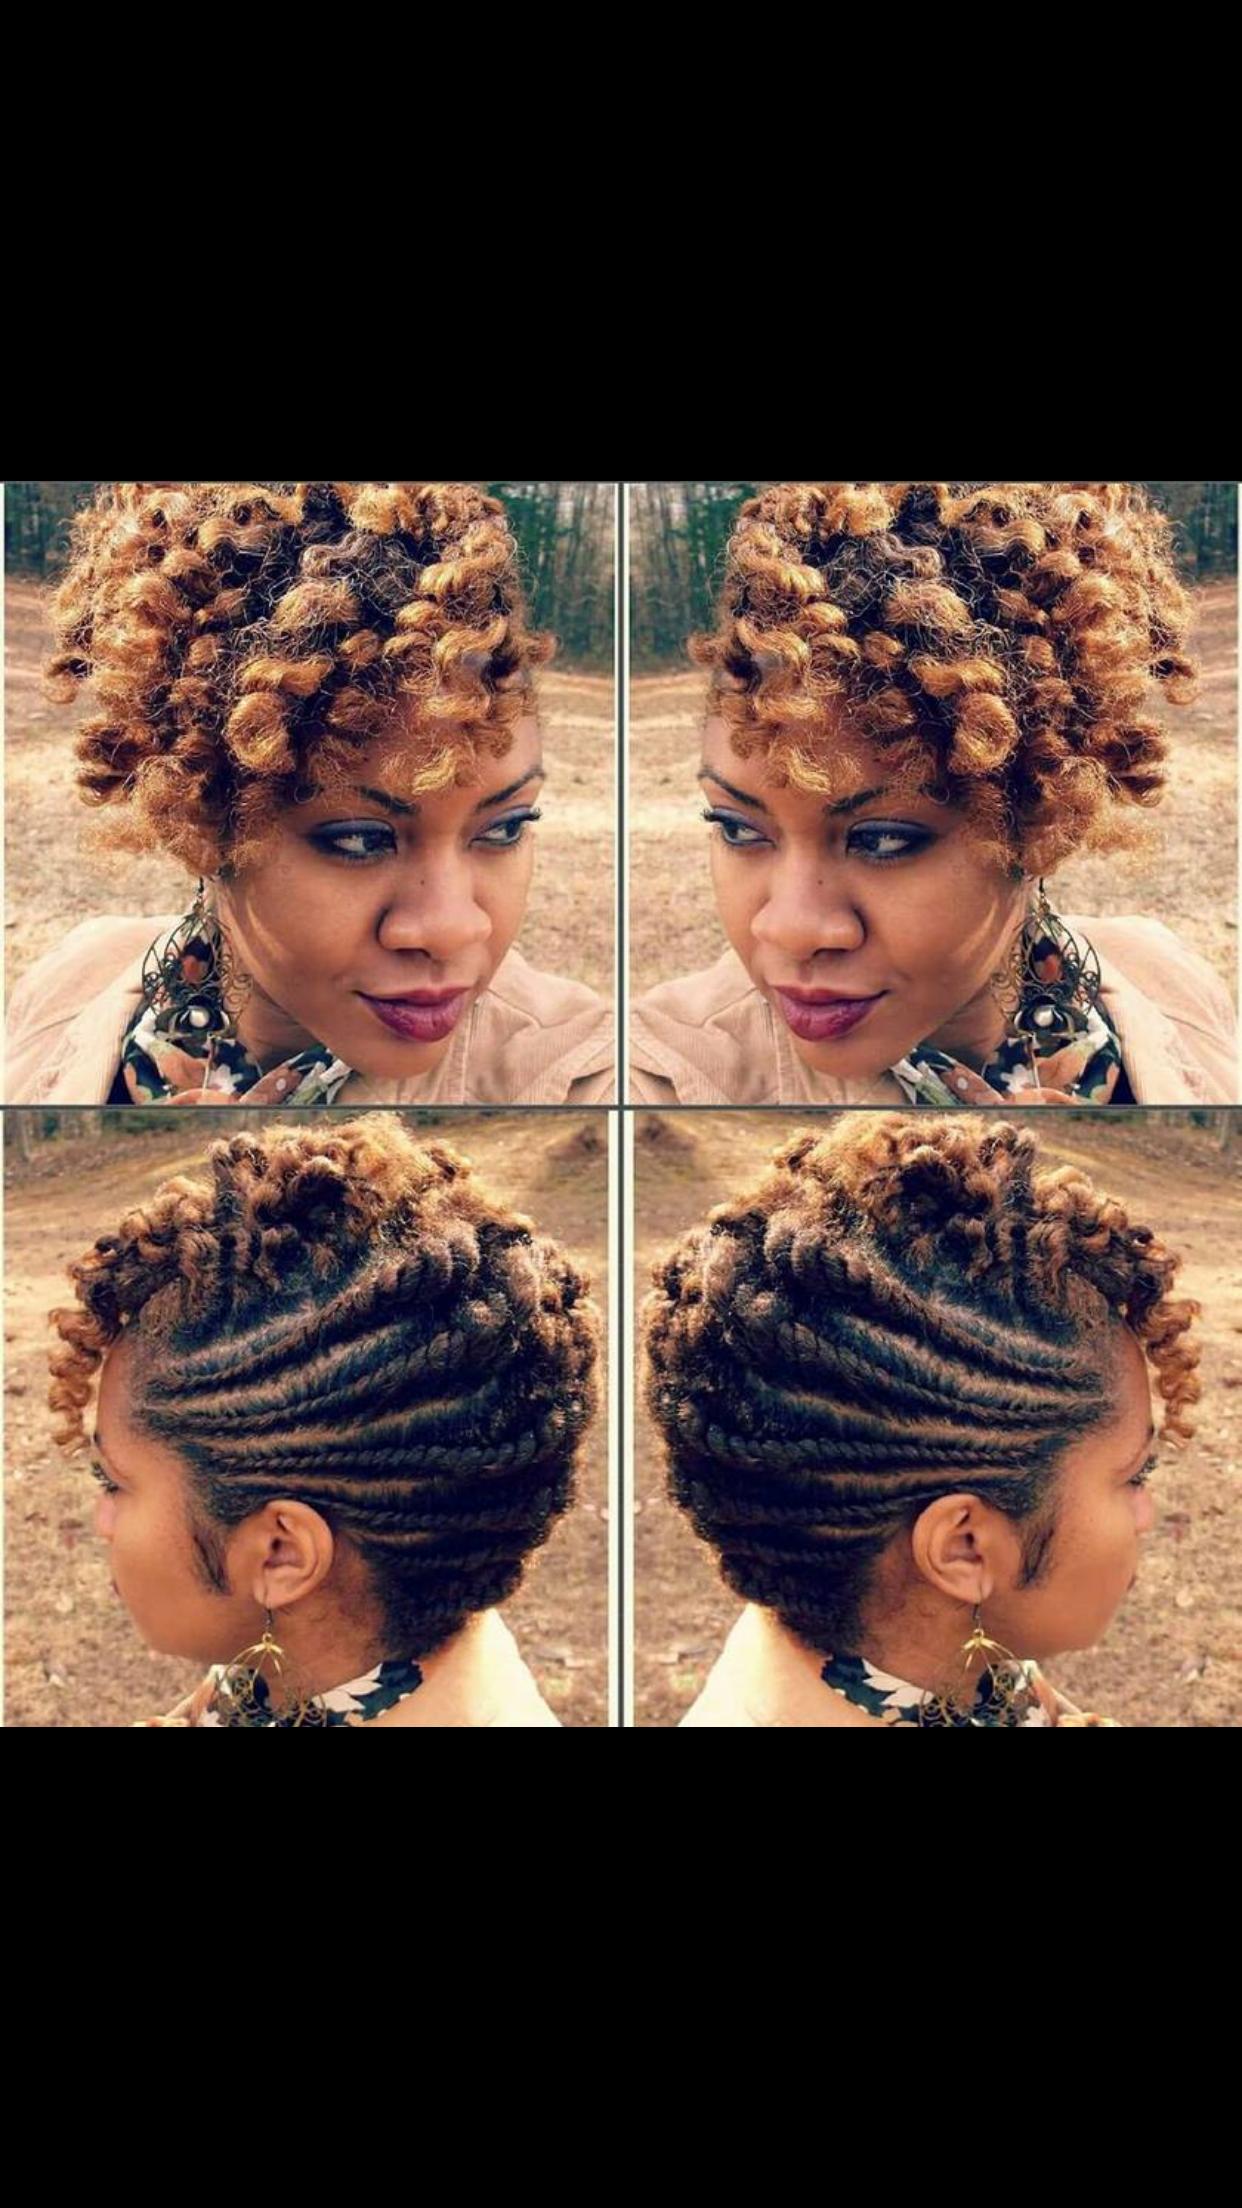 Beautiful flat twist updo twist pinterest flat twist updo beautiful flat twist updo hair dosflat twist hairstylestwa pmusecretfo Image collections